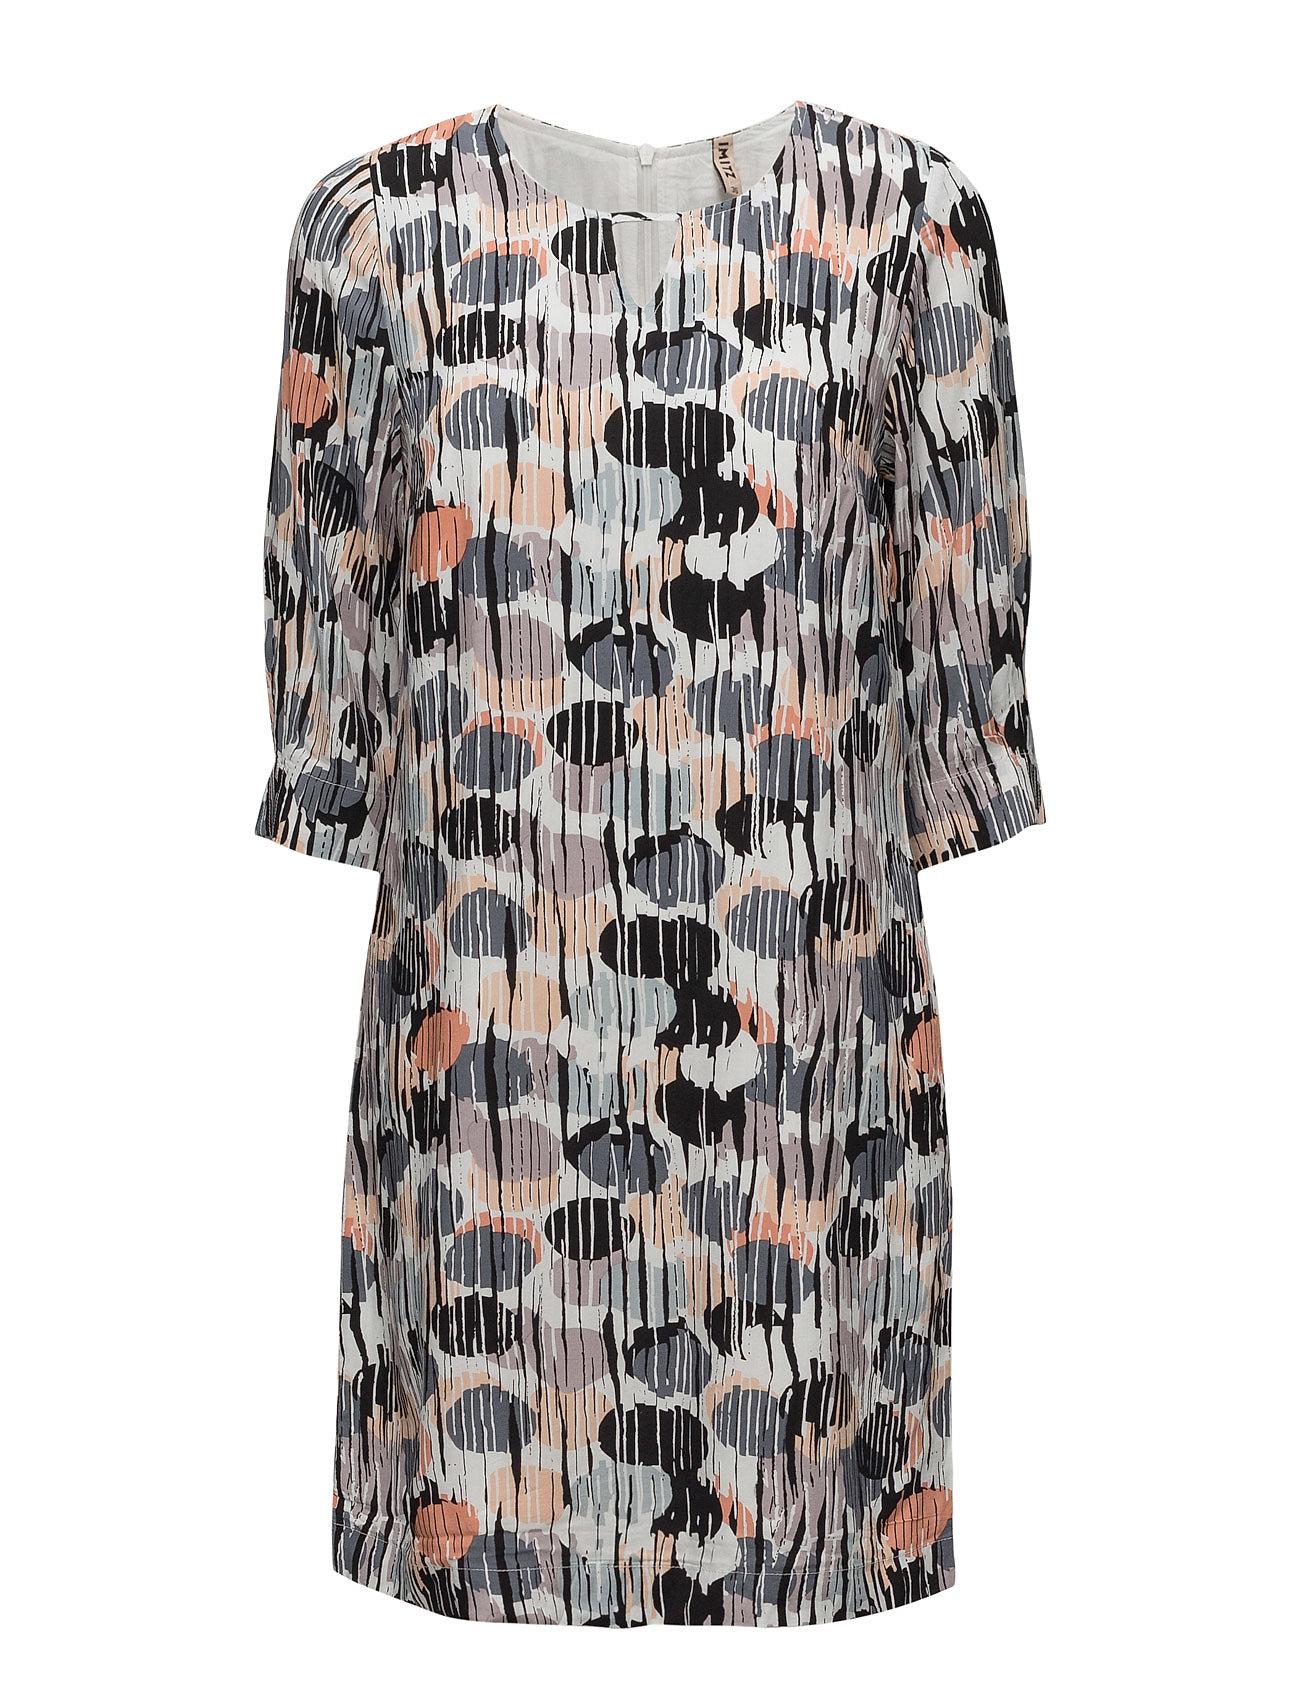 imitz – Dress-light woven på boozt.com dk